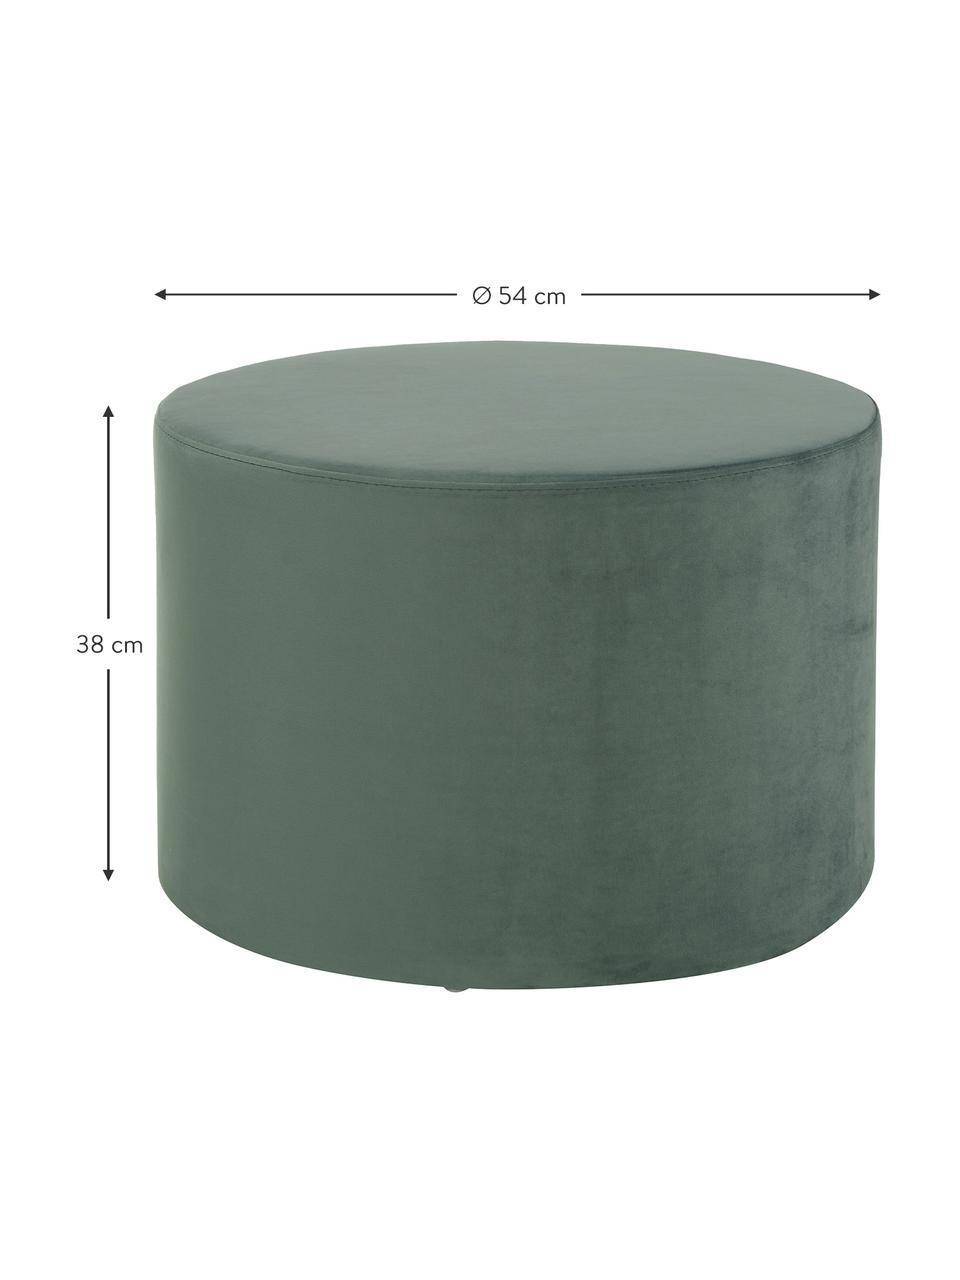 Fluwelen poef Daisy, Bekleding: fluweel (polyester), Frame: multiplex, Fluweel lichtgroen, Ø 54 x H 38 cm